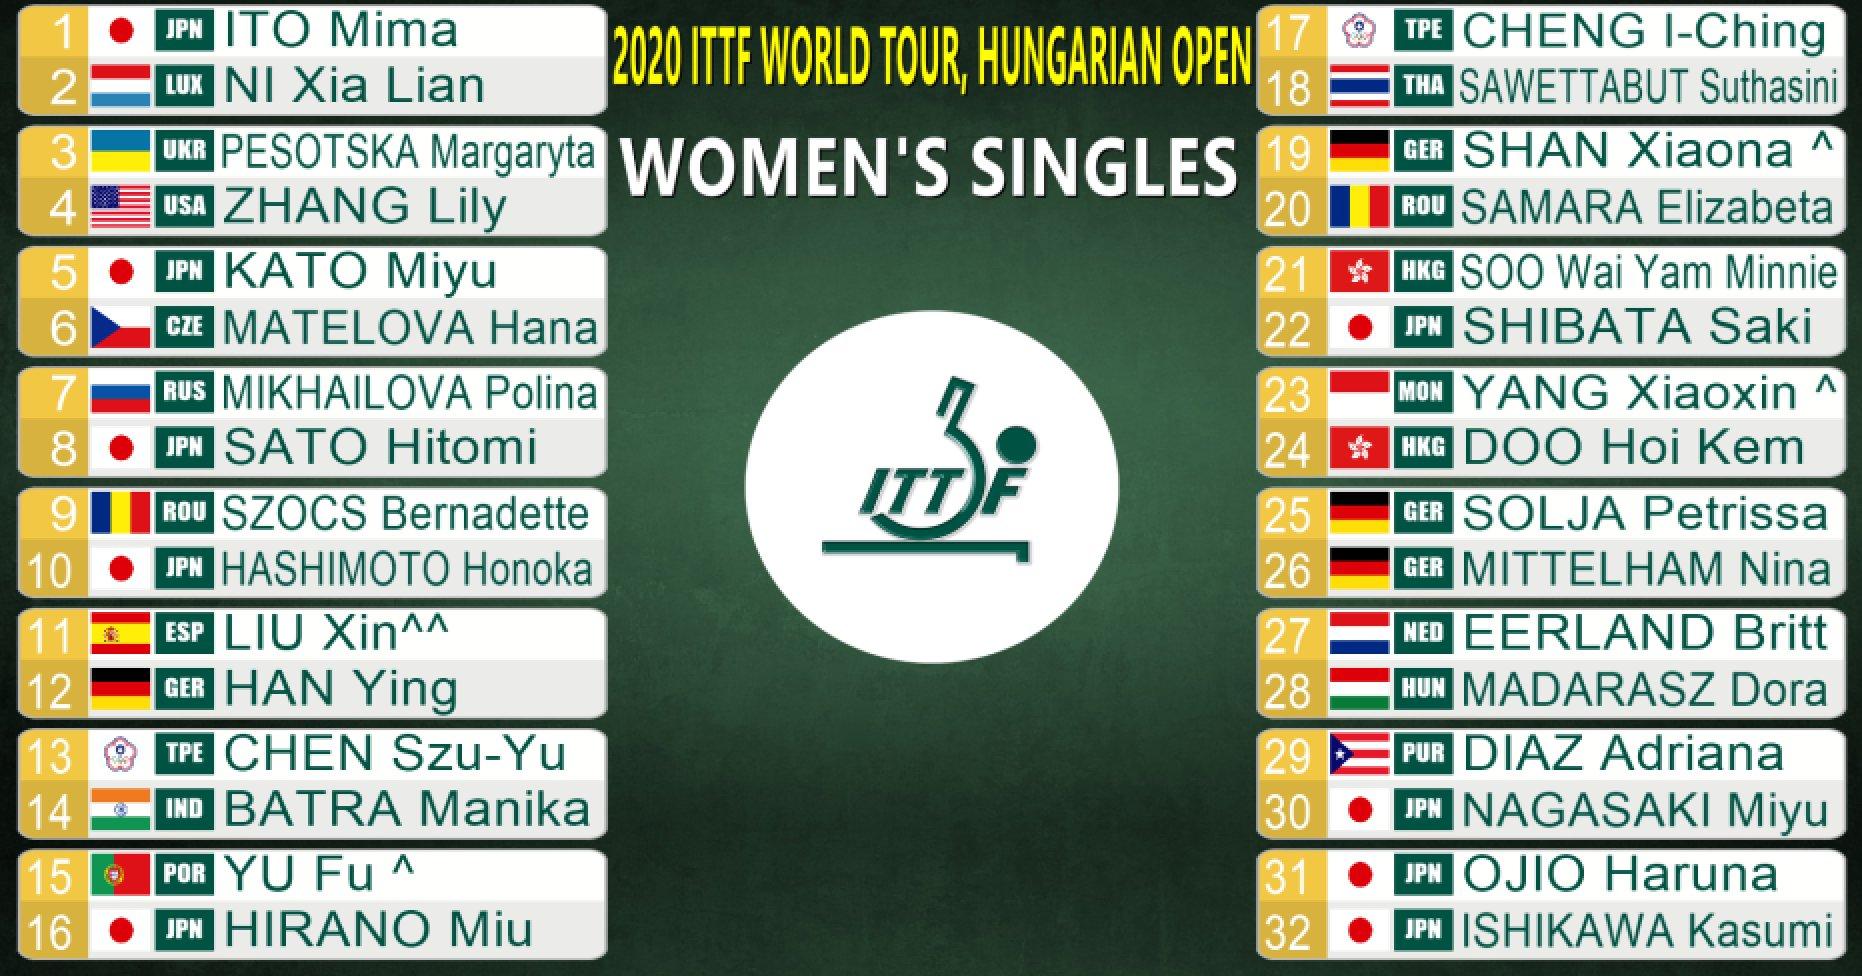 ハンガリーオープン女子シングルス2